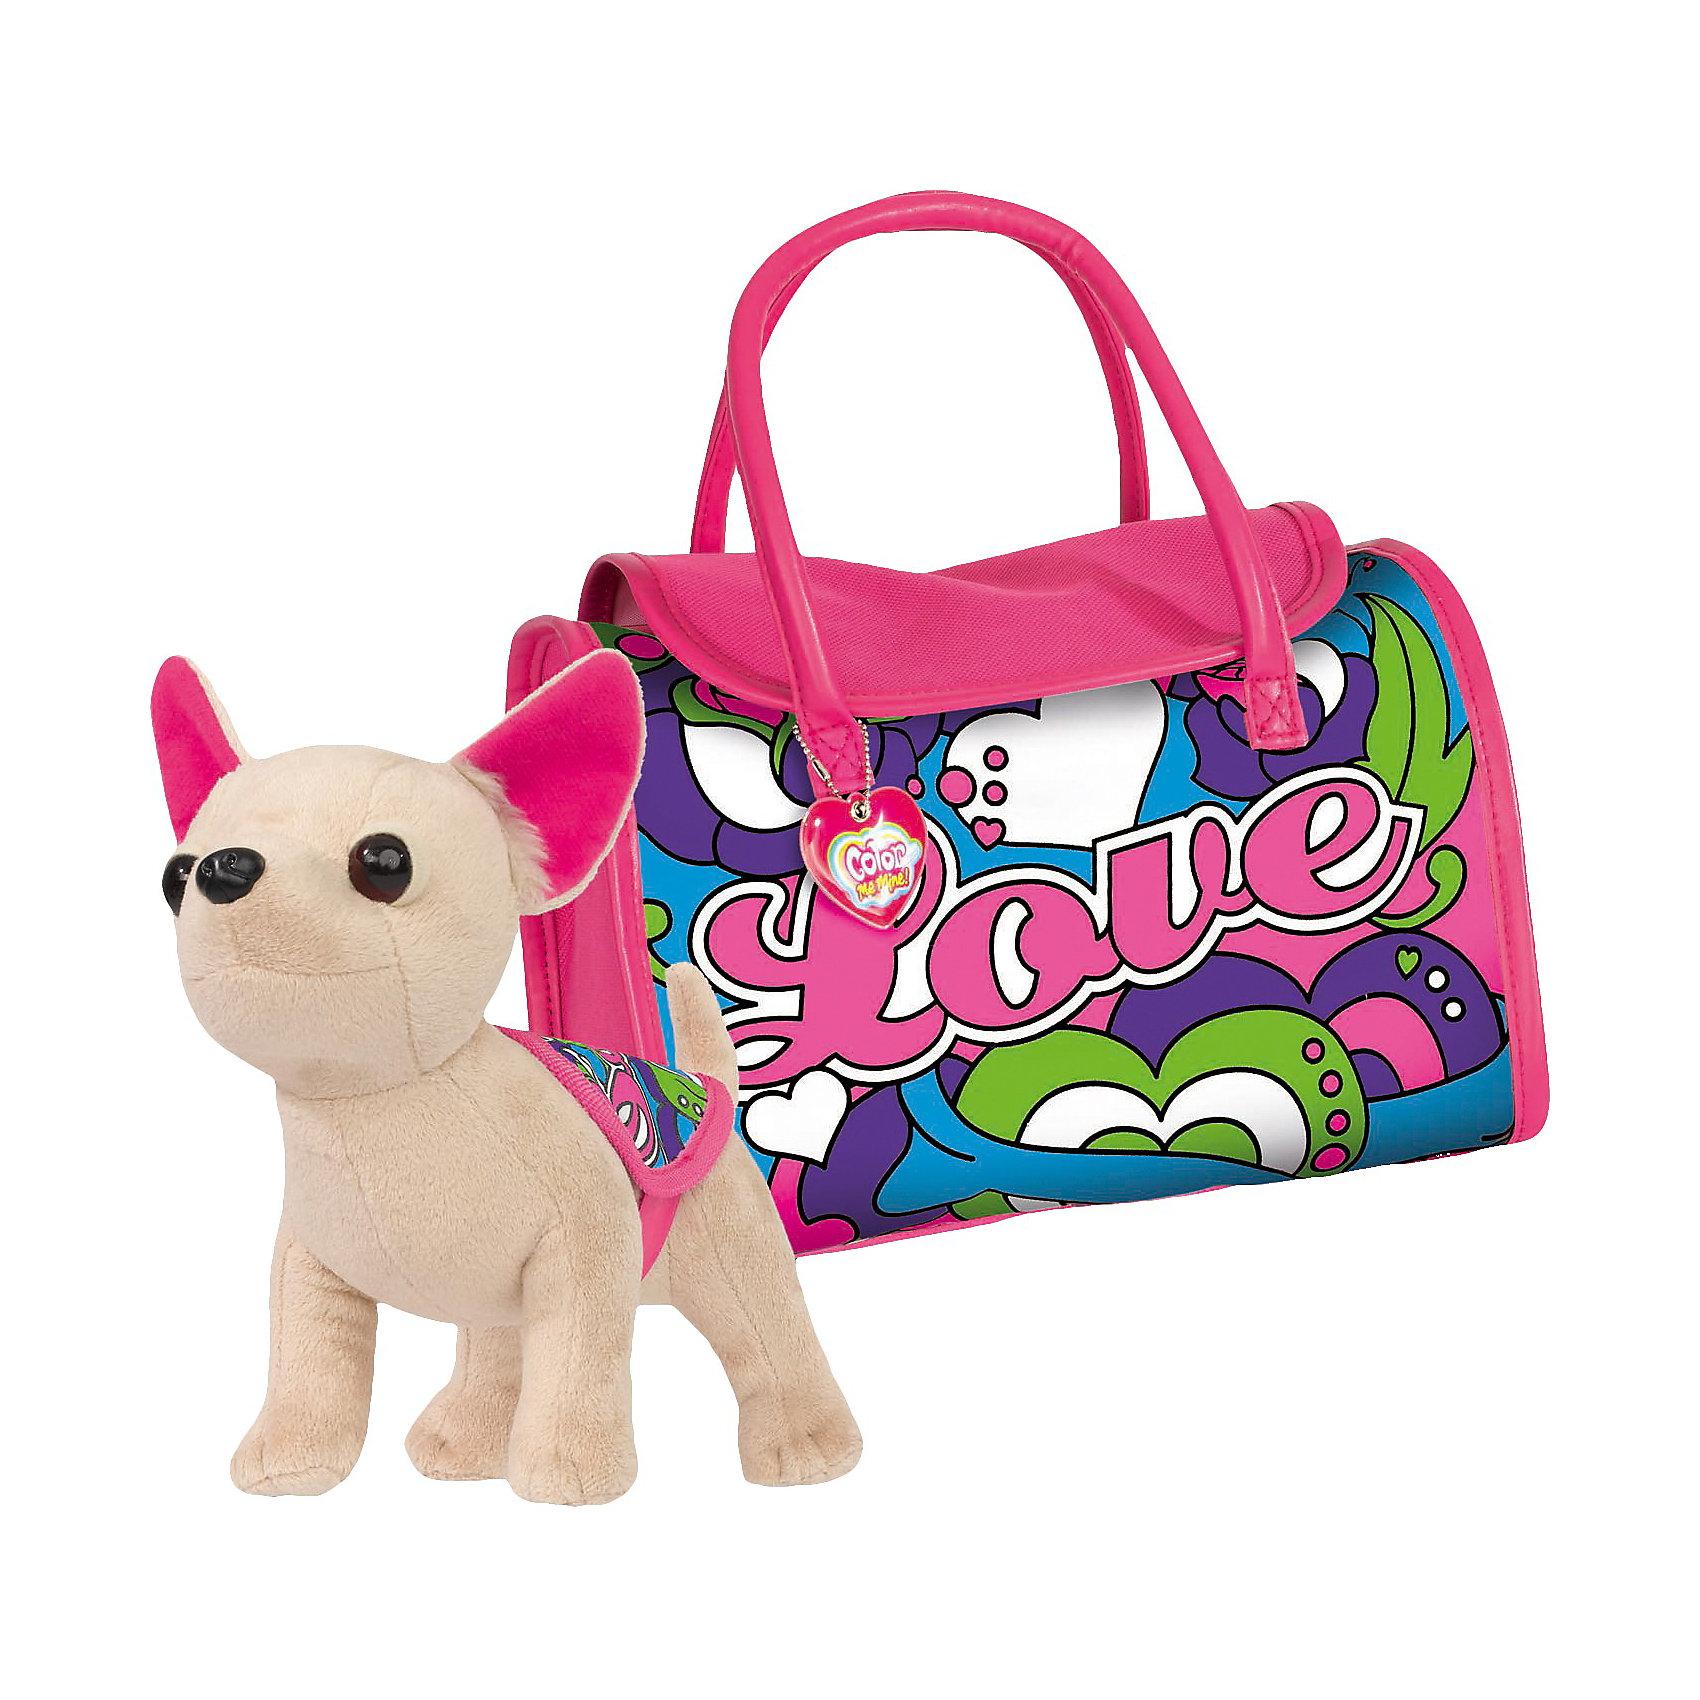 Набор Чихуахуа с сумкой, Color me mine, SimbaНабор Чихуахуа с сумкой, Color me mine, Simba (Симба) замечательный подарок для девочки, который сочетает в себе милую забавную игрушку и набор для творчества. Чудесная плюшевая собачка очень мягкая и приятная на ощупь, лапки легко гнутся, что позволяет придать собачке любое положение.<br><br>В комплект также входит сумочка для переноски собачки, на поверхность сумочки нанесен контур рисунка, который надо раскрасить согласно своей фантазии. Нанесенный на сумку рисунок после полного высыхания не пачкается и не стирается. Собачка легко помещается в сумочке и девочка всегда может взять с собой свою любимицу. Кроме того игрушка станет замечательным стильным аксессуаром для маленькой модницы.<br><br>Дополнительная информация:<br><br>- В комплекте: собачка с накидкой, сумочка для раскрашивания, 4 перманентных маркера (фиолетовый, розовый, зеленый, голубой).<br>- Материал: полиэстер, текстиль, плюш, пластмасса.<br>- Размер собачки: 20 см.<br> <br>Набор Чихуахуа с сумкой, Color me mine, Simba (Симба) можно купить в нашем интернет-магазине.<br><br>Ширина мм: 374<br>Глубина мм: 311<br>Высота мм: 166<br>Вес г: 650<br>Возраст от месяцев: 72<br>Возраст до месяцев: 96<br>Пол: Женский<br>Возраст: Детский<br>SKU: 3159651